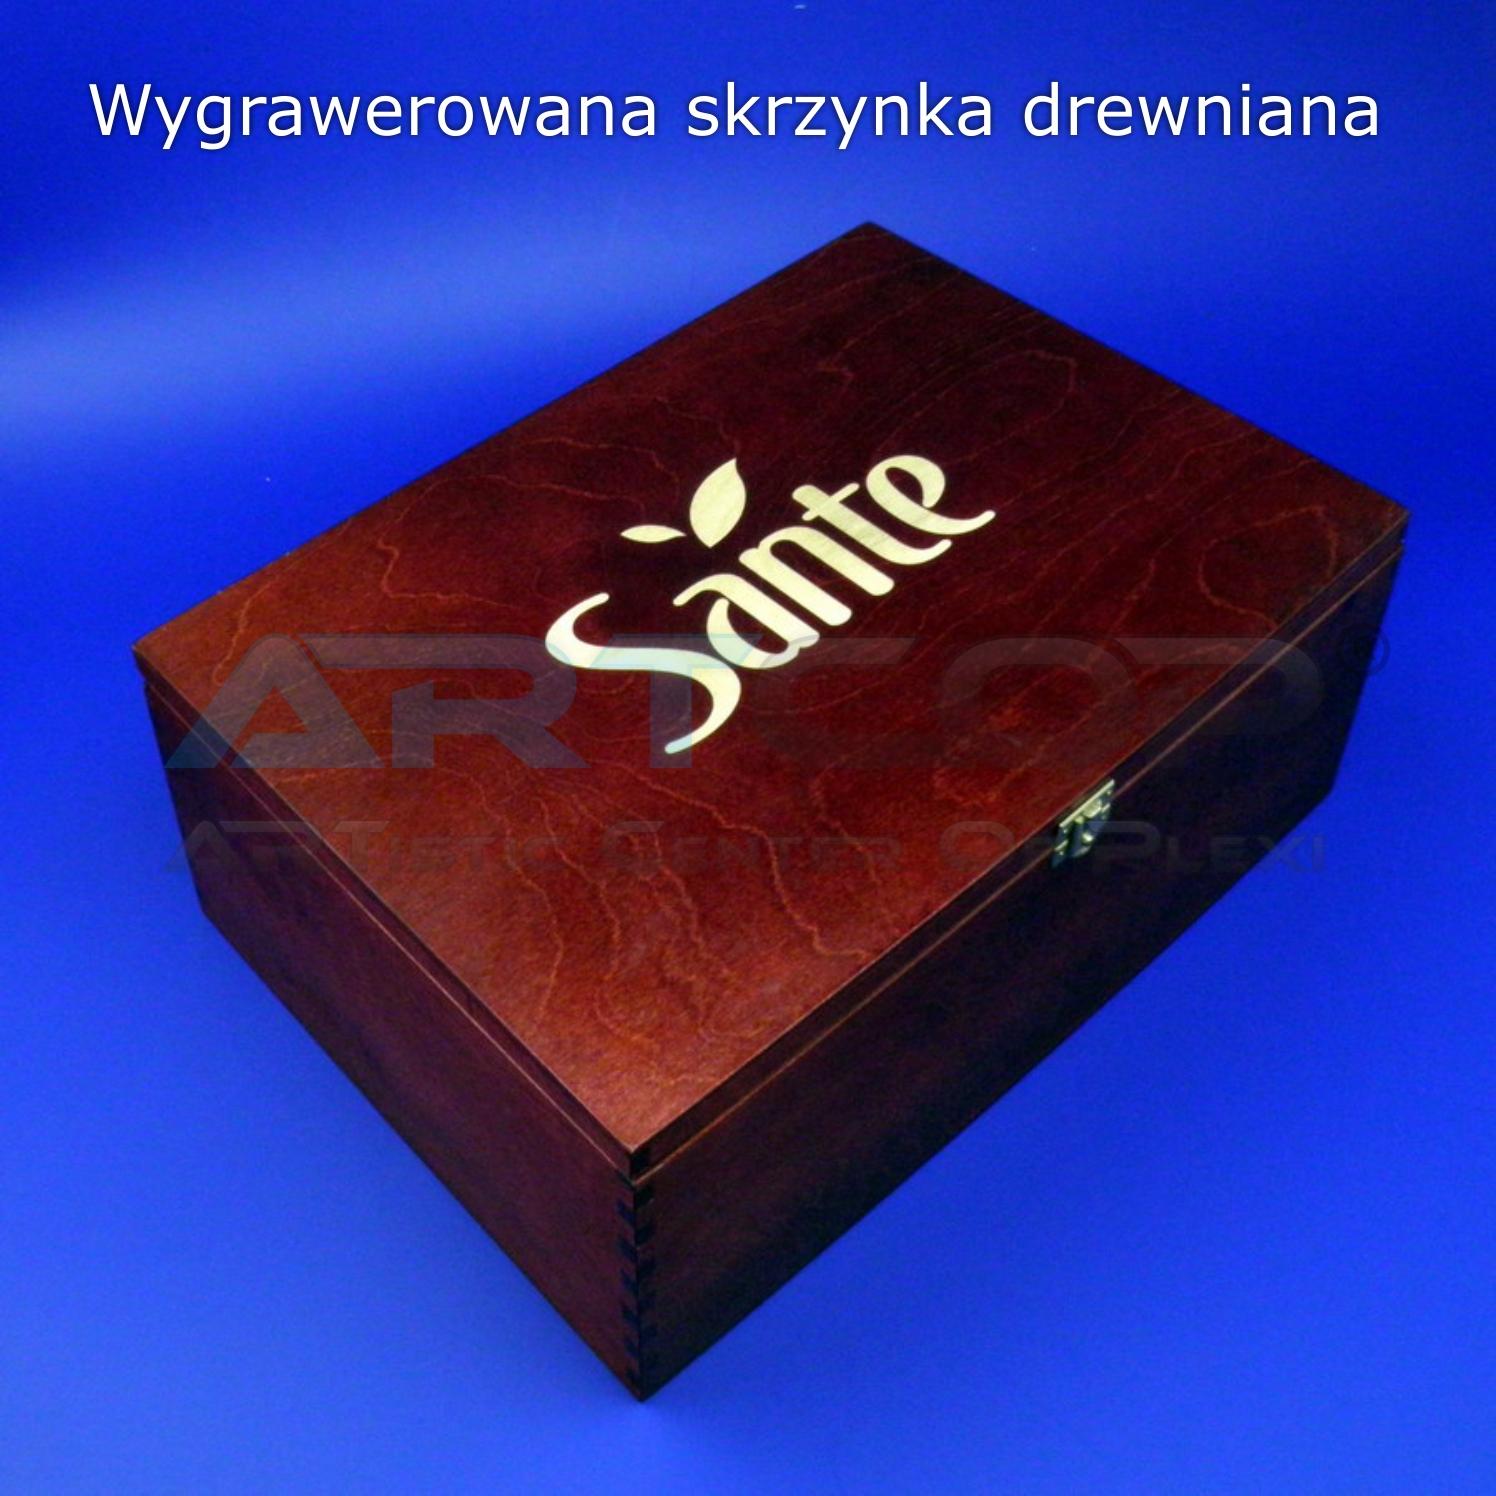 Grawery - skrzynka drewniana foto 3.jpg